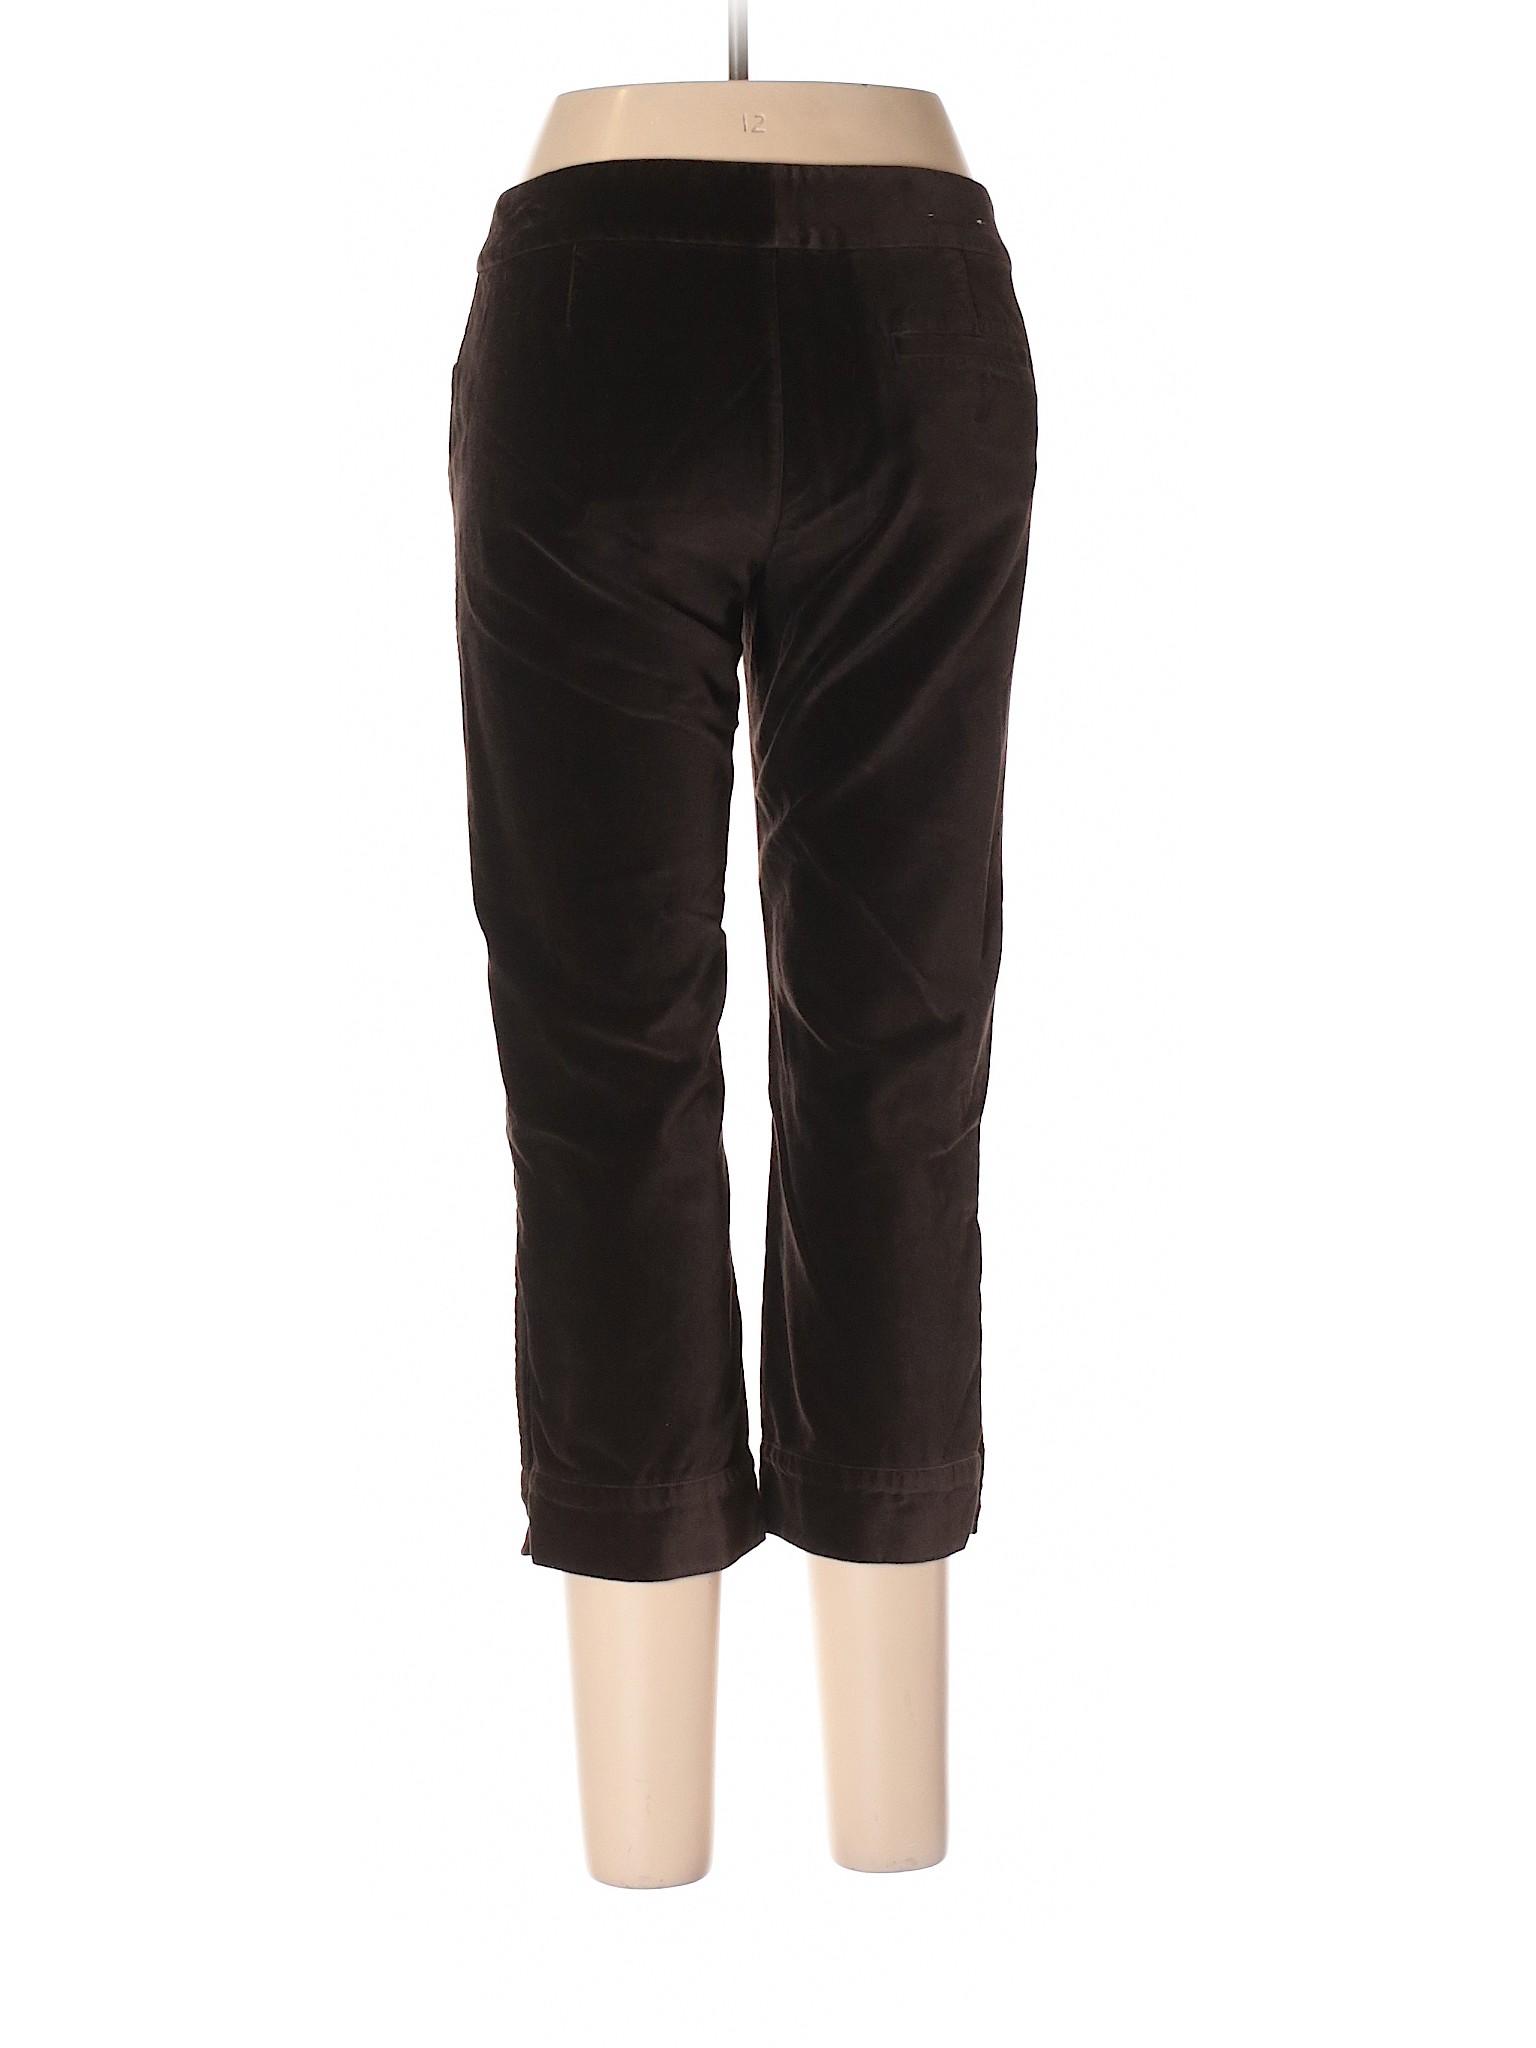 Pants Casual Republic Boutique Banana winter wCS0Izq